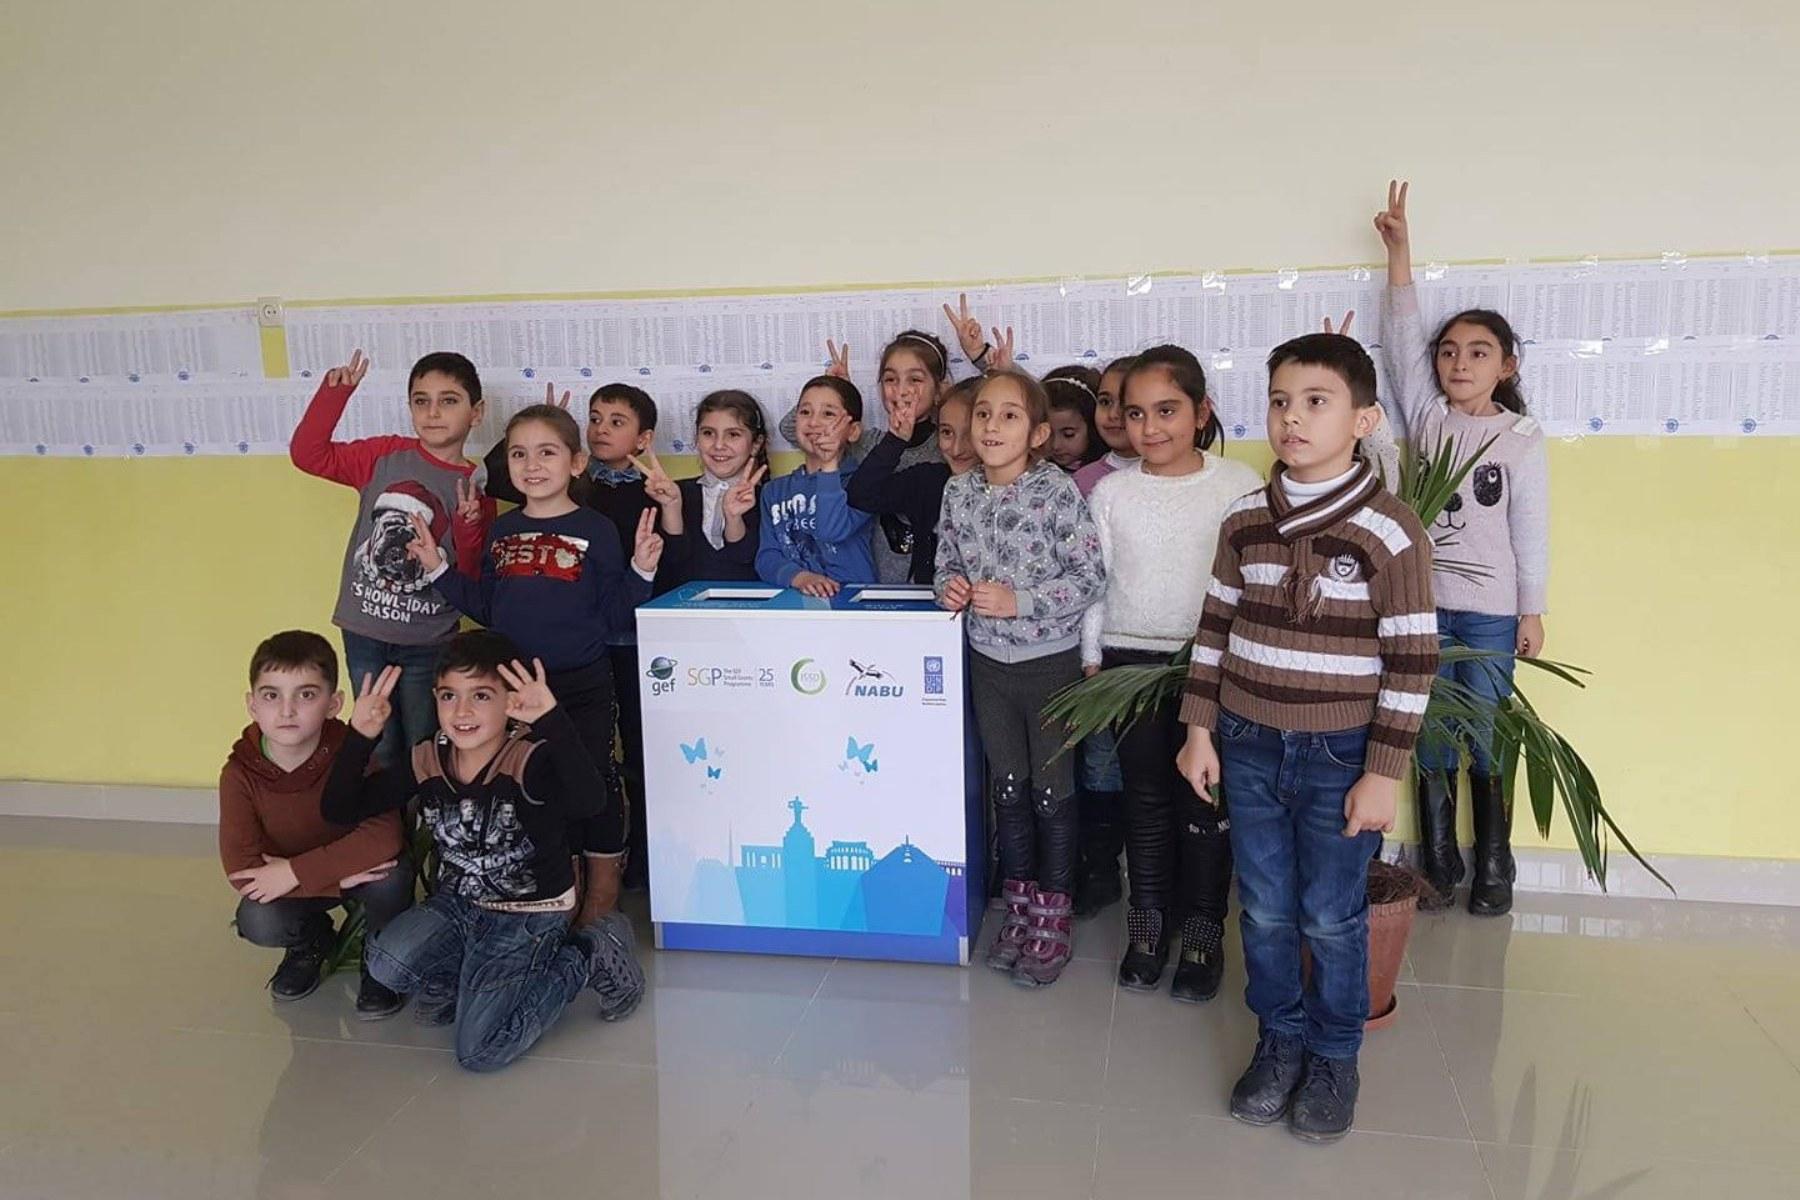 Photo of Դպրոցը` բանակին. Հավաքում են թղթի թափոն, պլաստիկ և ապակյա տարաներ, գումարն ուղղում «Հայաստան» հիմնադրամին